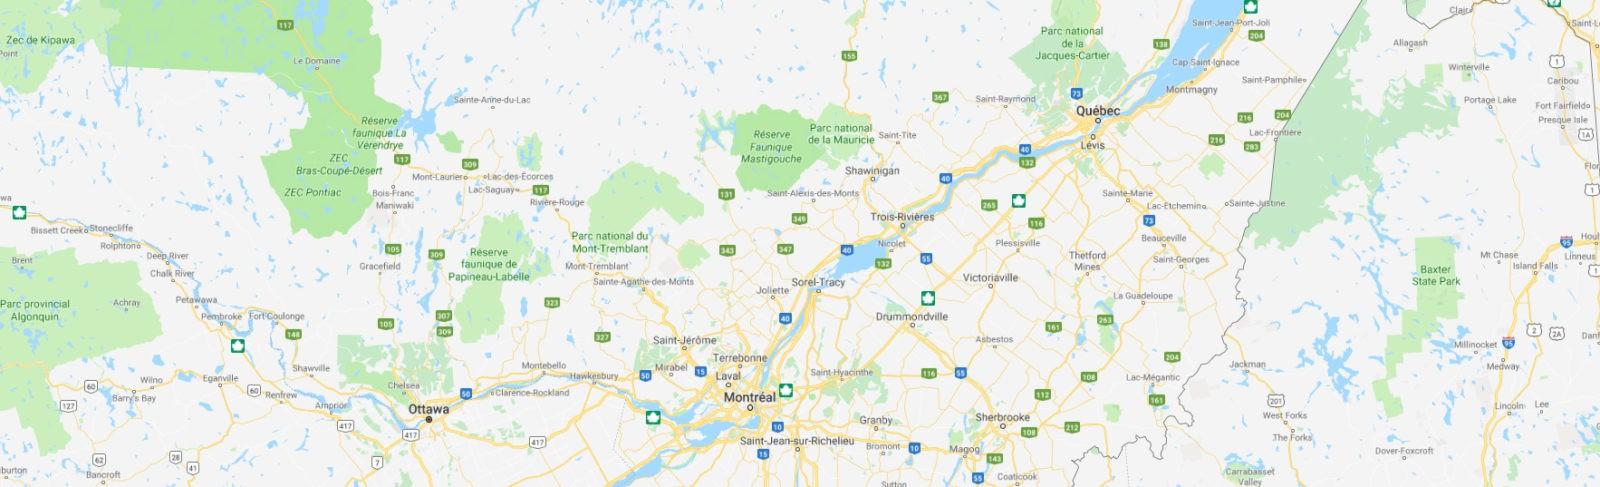 SCR Télécom offre ses services partout dans la province du Québec